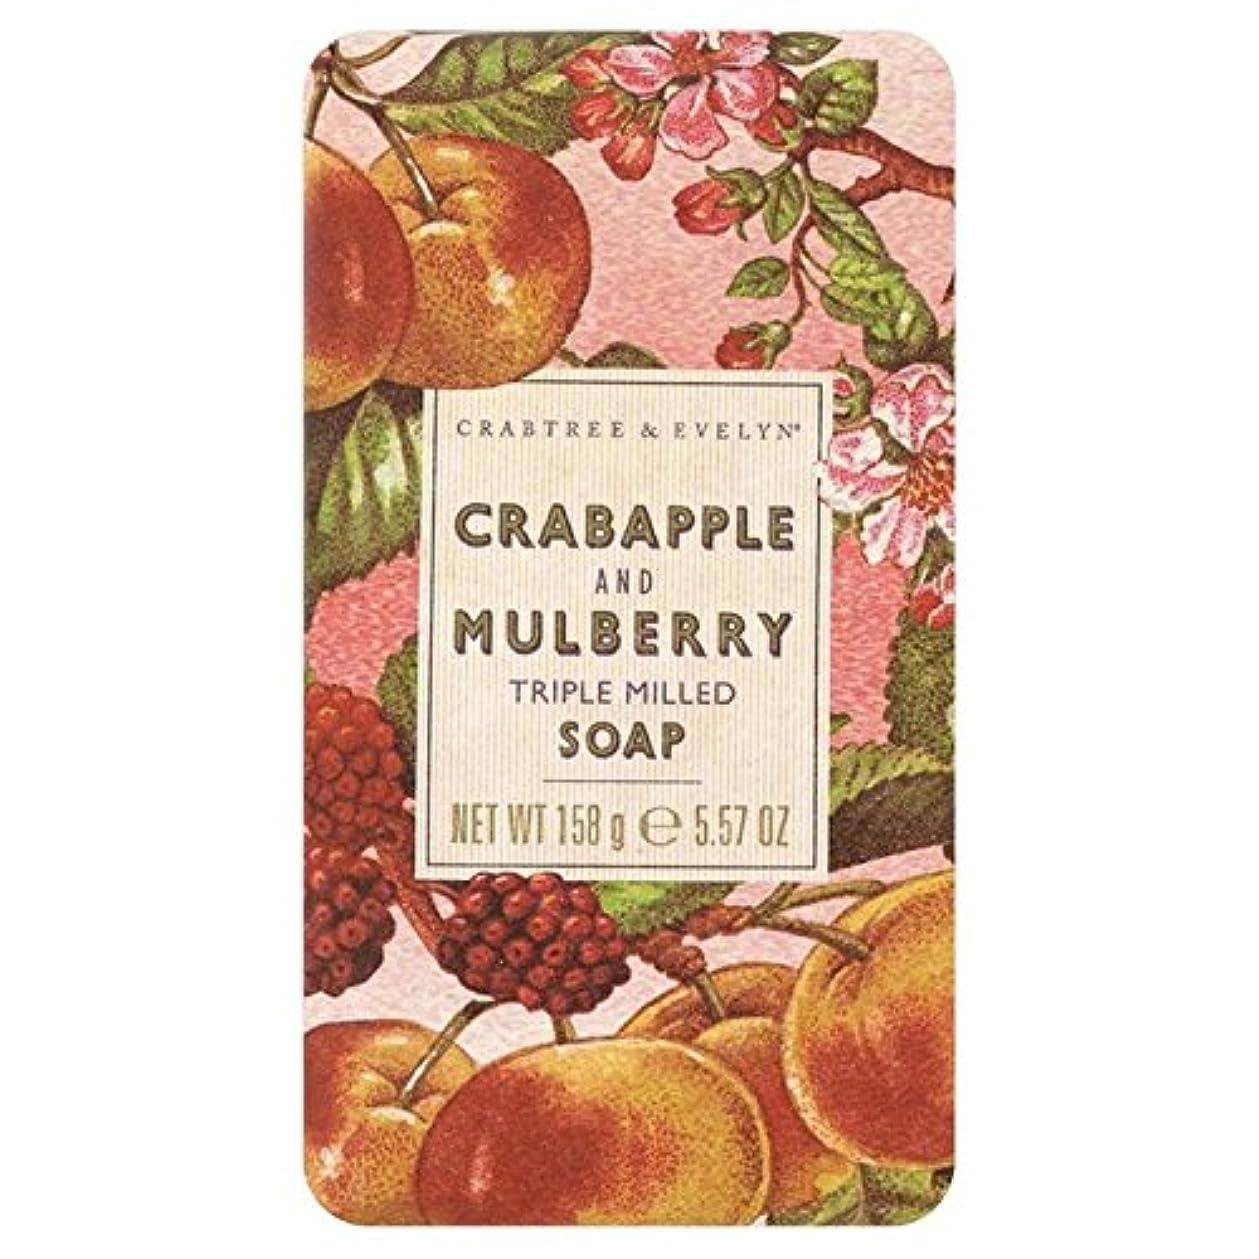 証言指紋その他クラブツリー&イヴリンと桑遺産石鹸150グラム x2 - Crabtree & Evelyn Crabapple and Mulberry Heritage Soap 150g (Pack of 2) [並行輸入品]